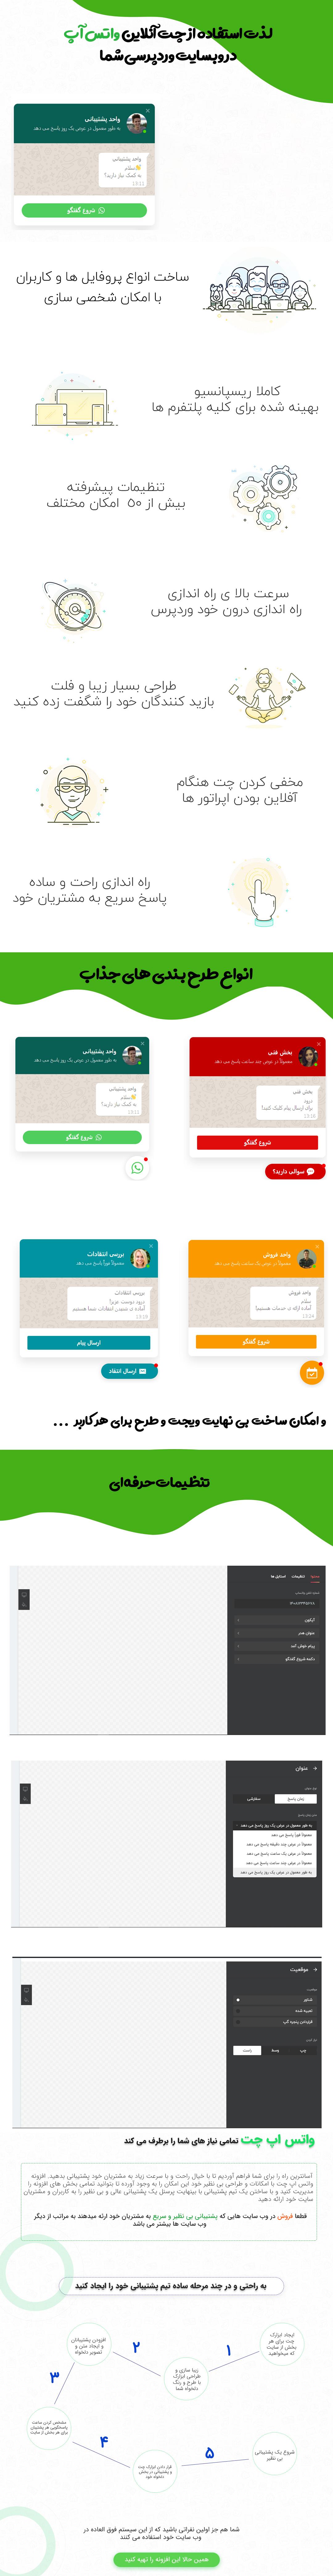 افزونه پشتیبانی و چت آنلاین WhatsApp Chat